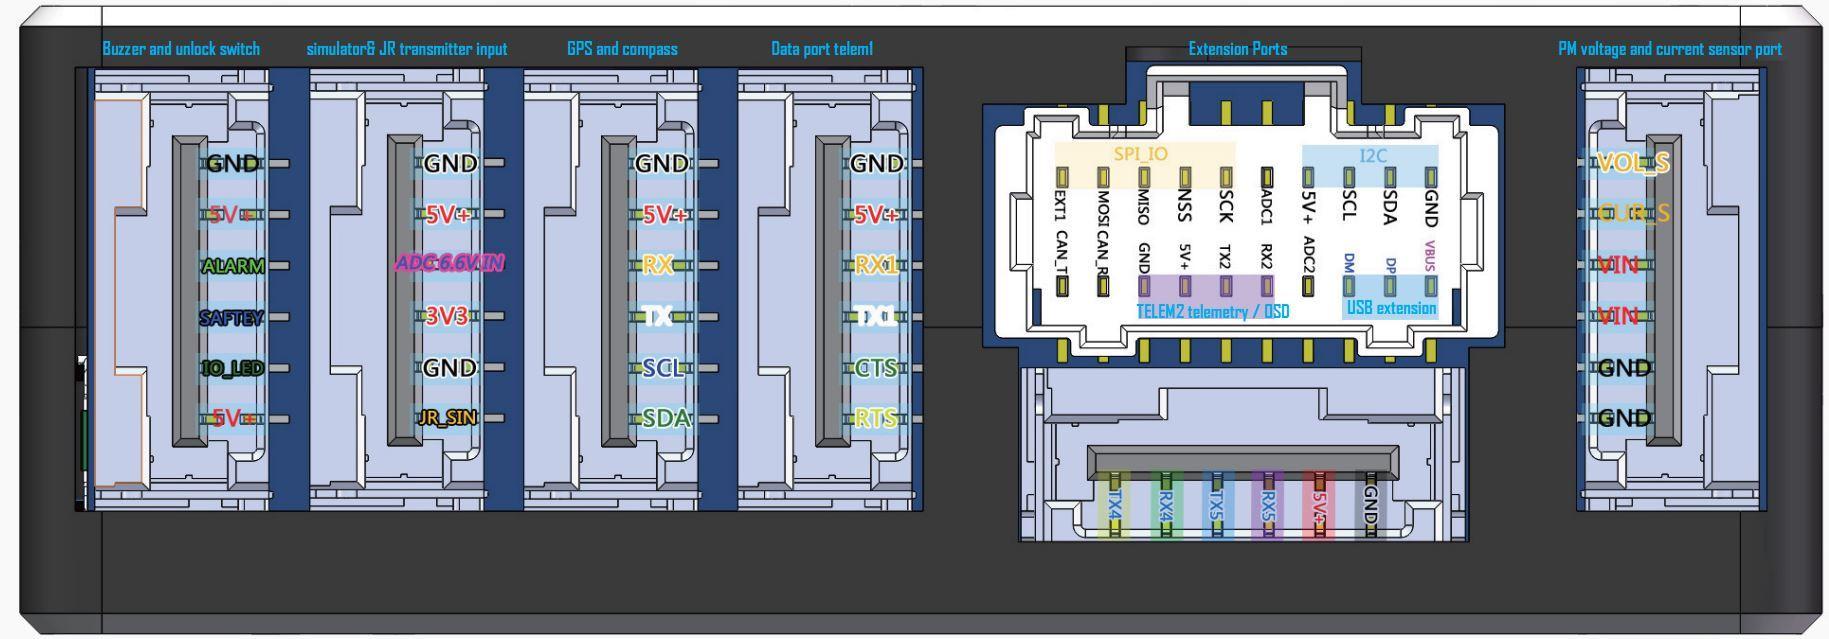 Pixhawk Pinout Serial 45 - Desain Terbaru Rumah Modern Minimalis